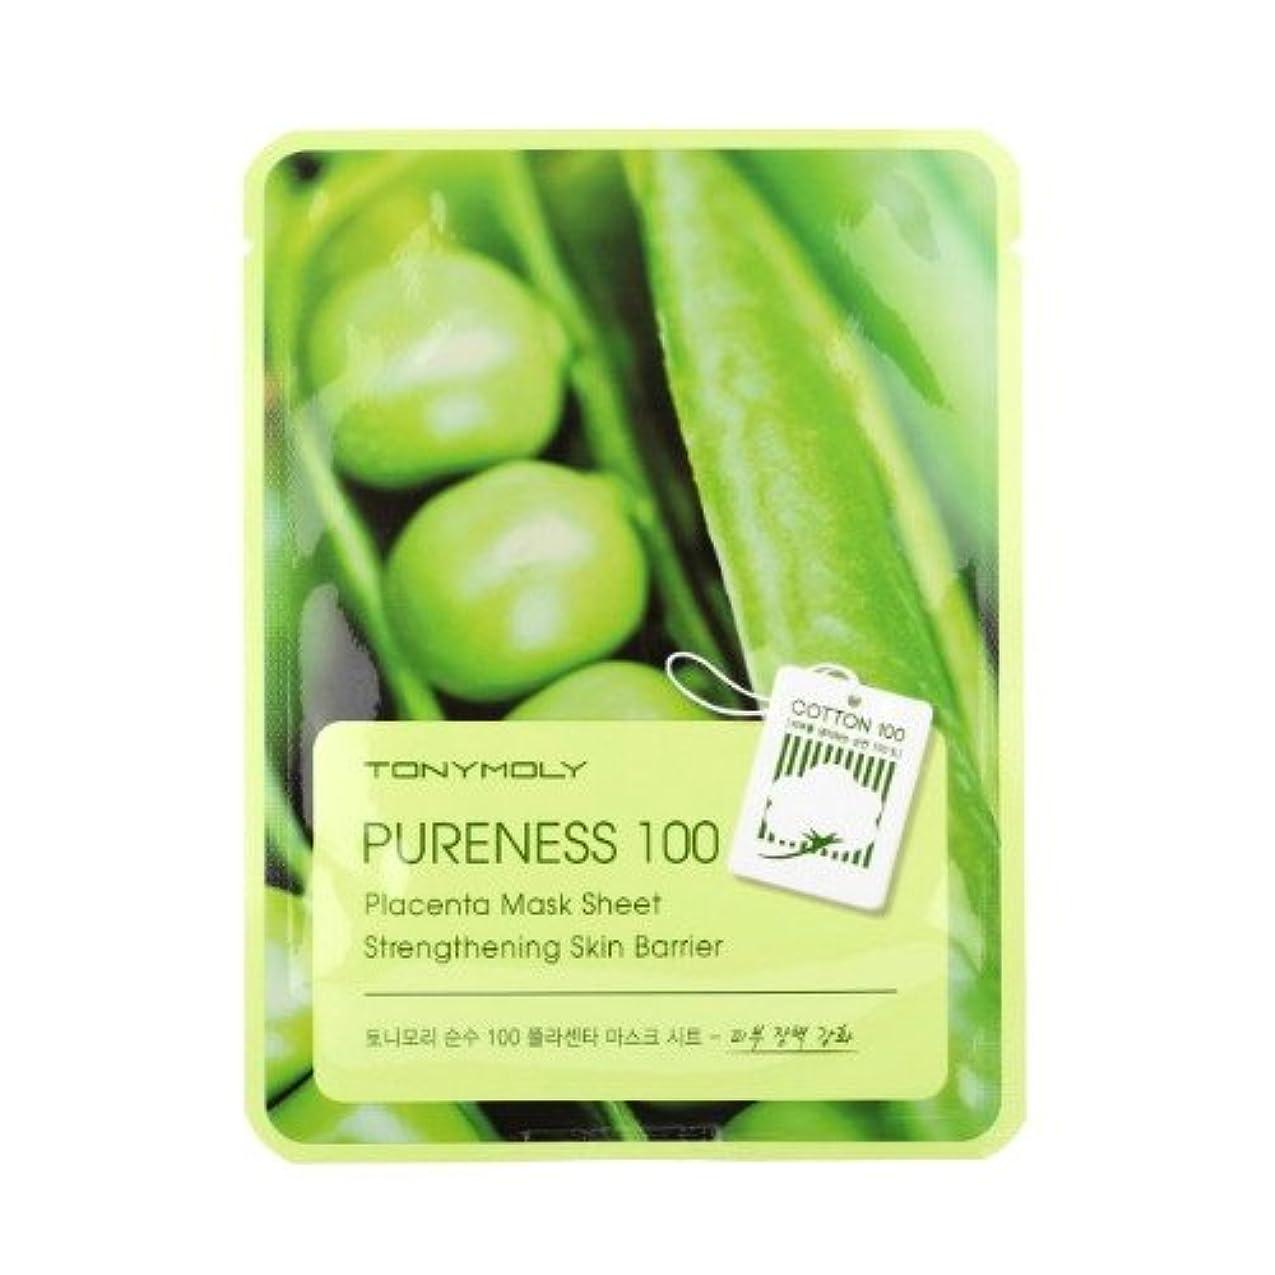 好み同盟キャッシュ(6 Pack) TONYMOLY Pureness 100 Placenta Mask Sheet Strengthening Skin Barrier (並行輸入品)